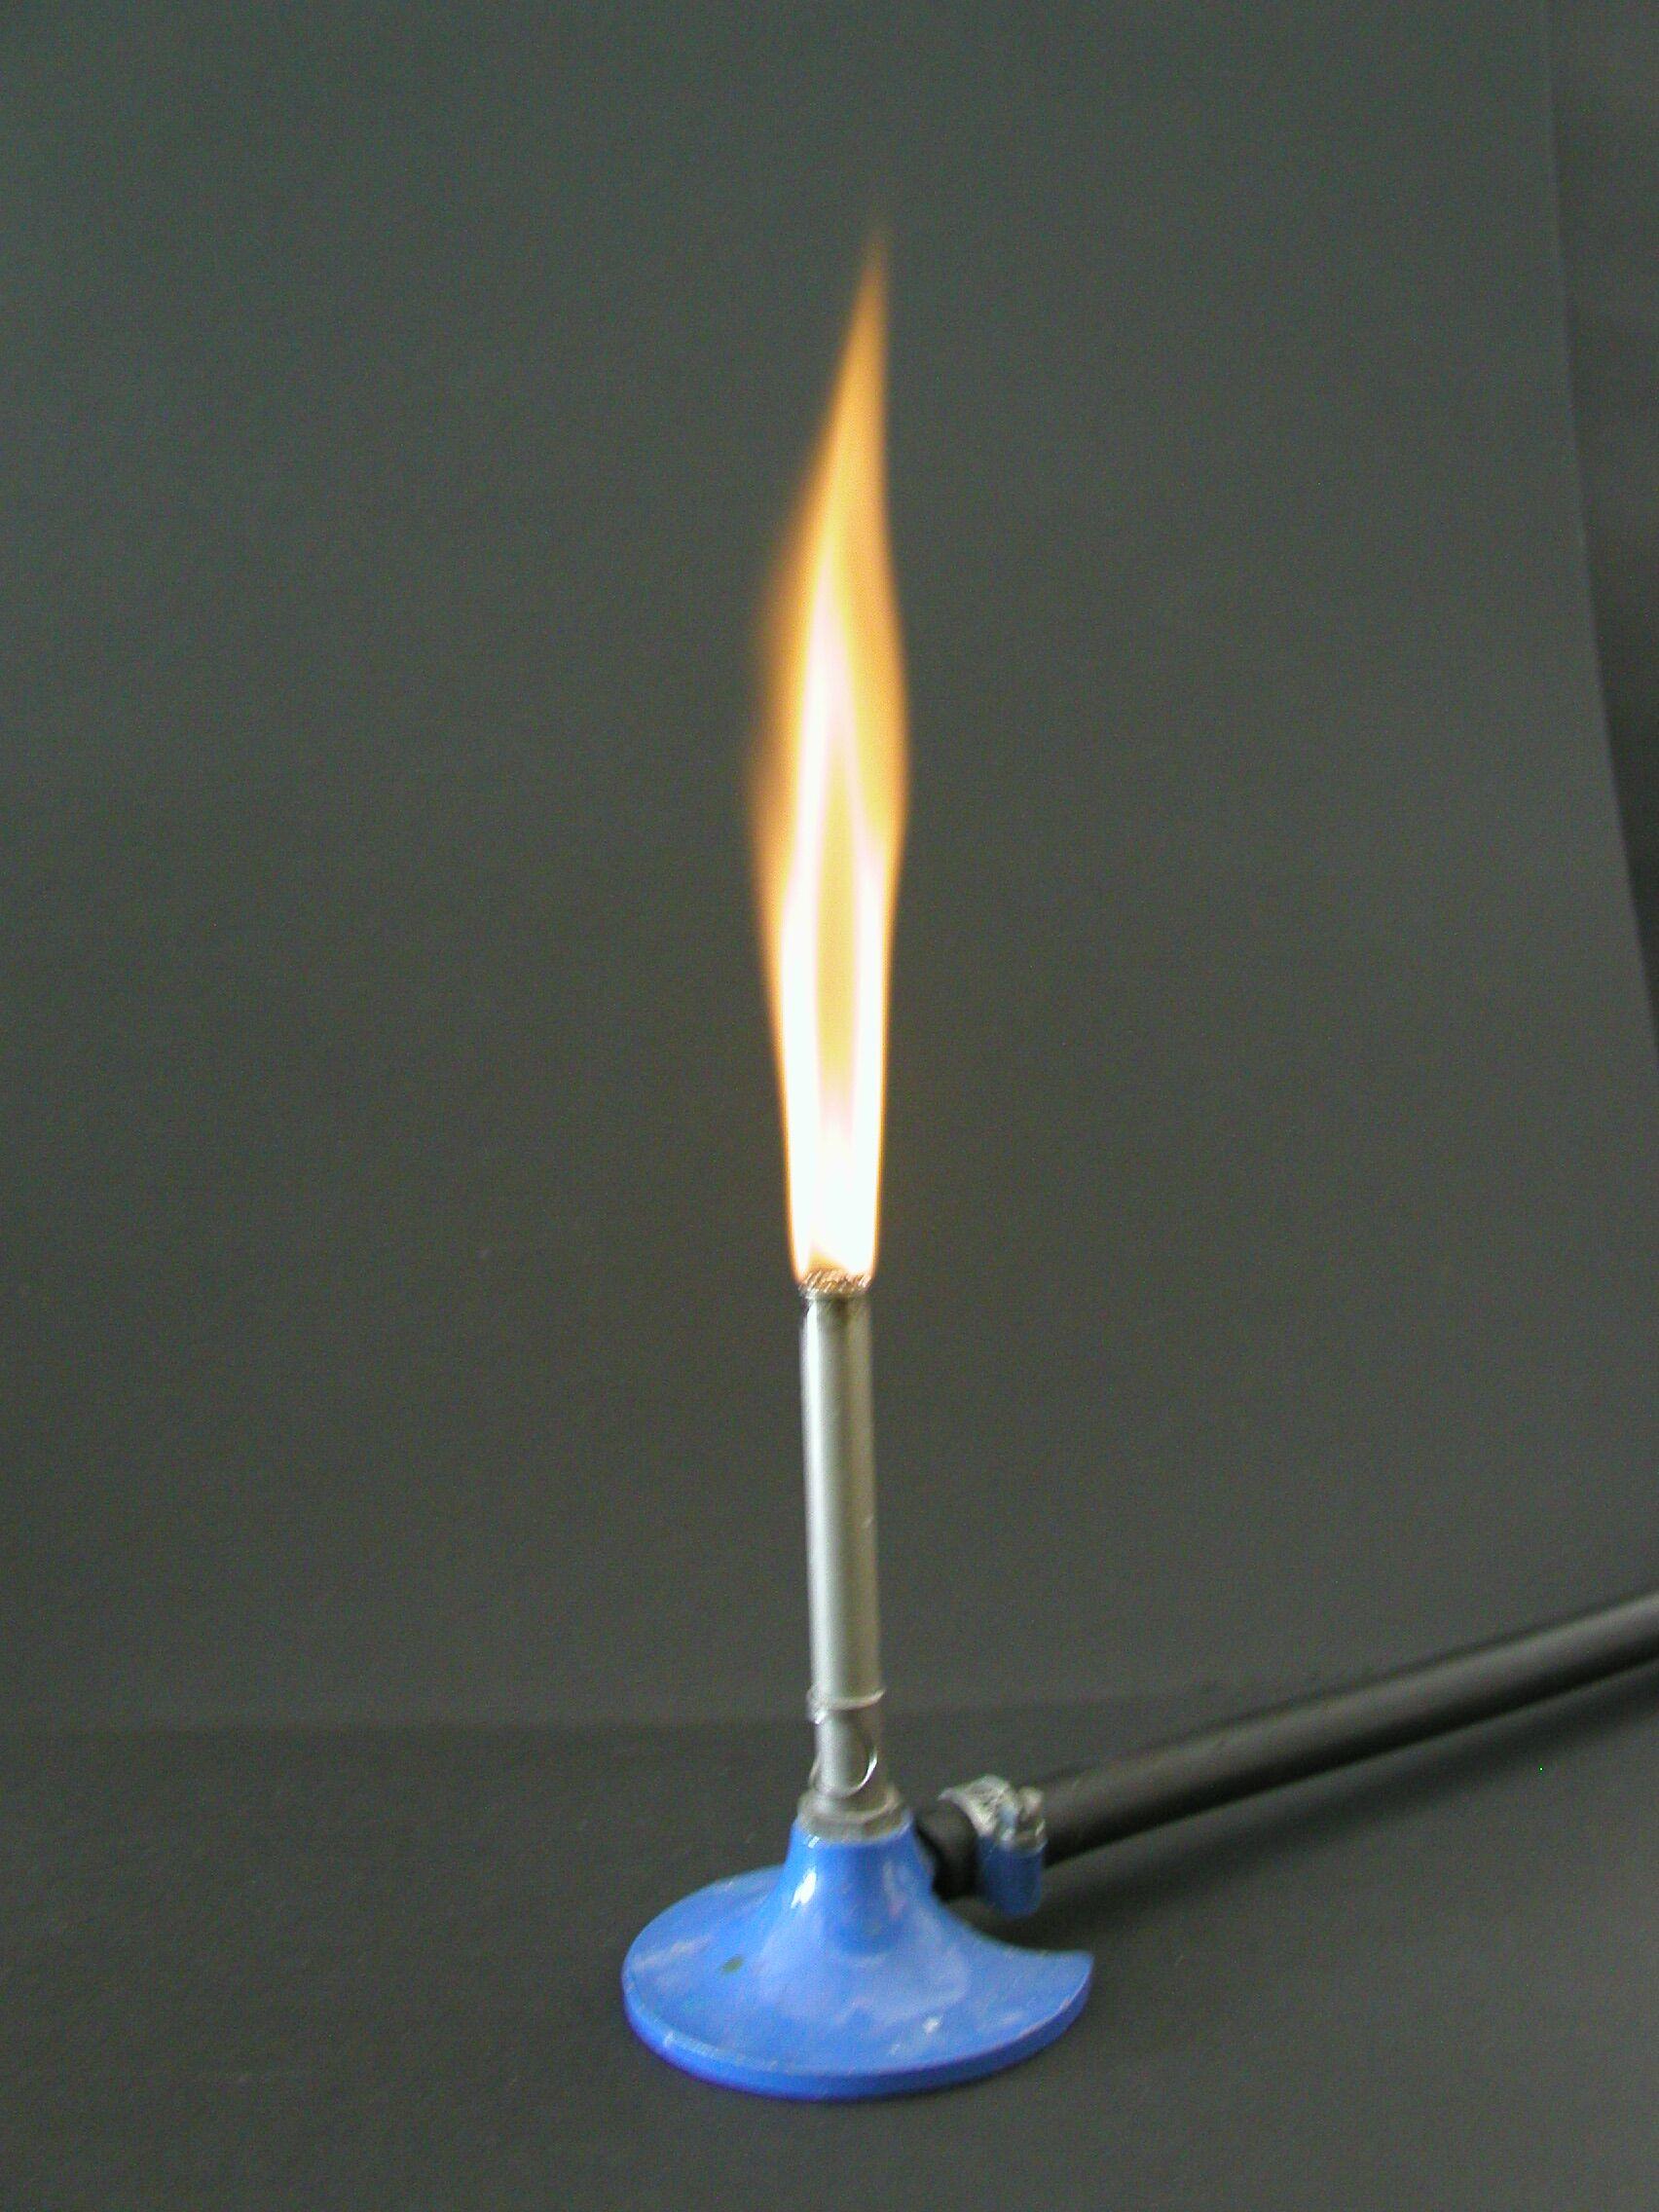 Lit Bunsen Burner Clipart Clipground